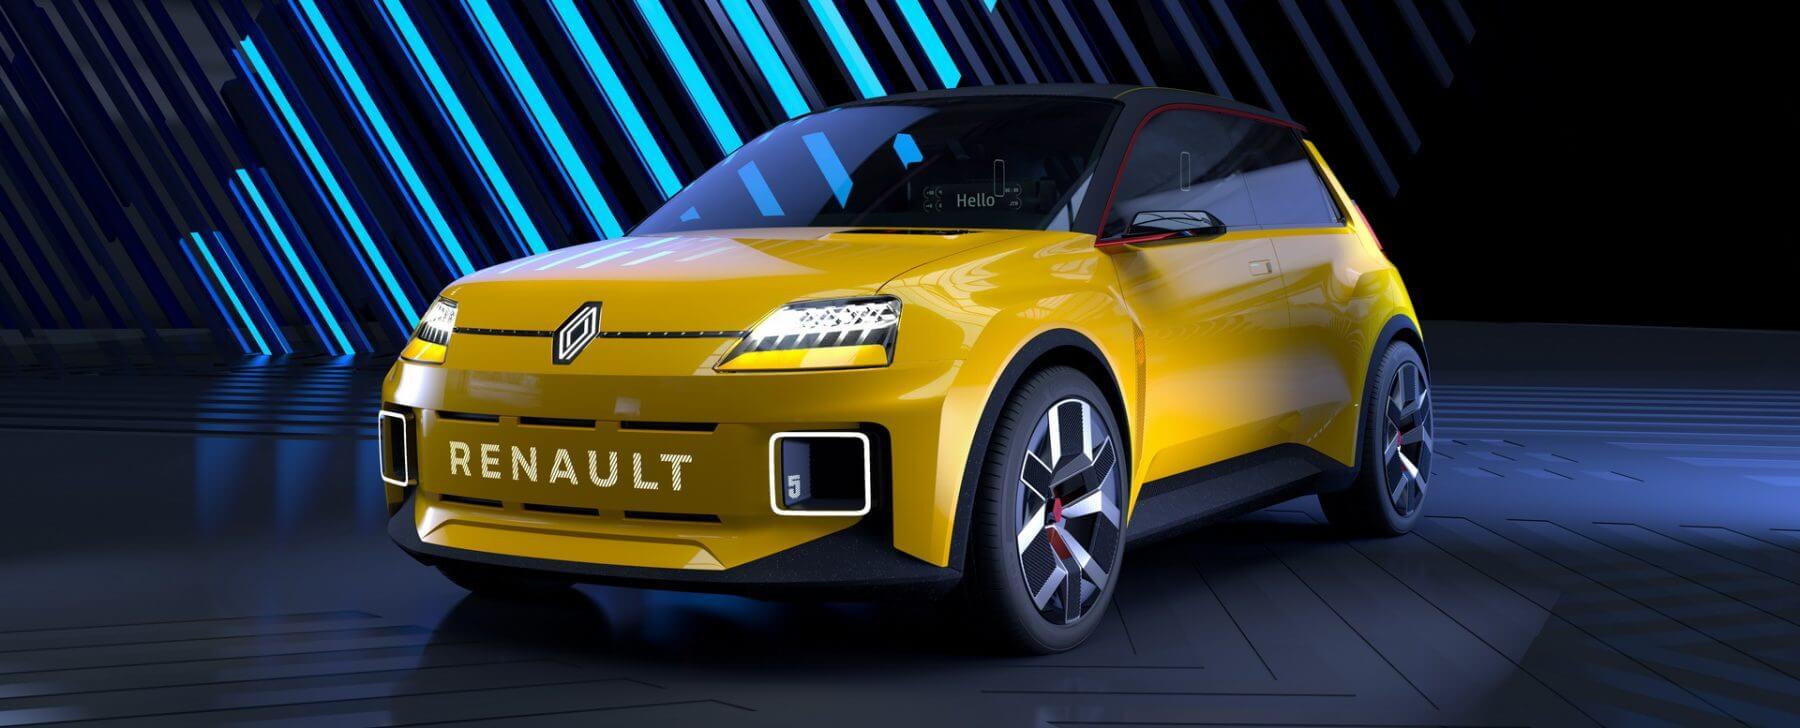 El nuevo Renault 5 eléctrico, la renovación de un clásico